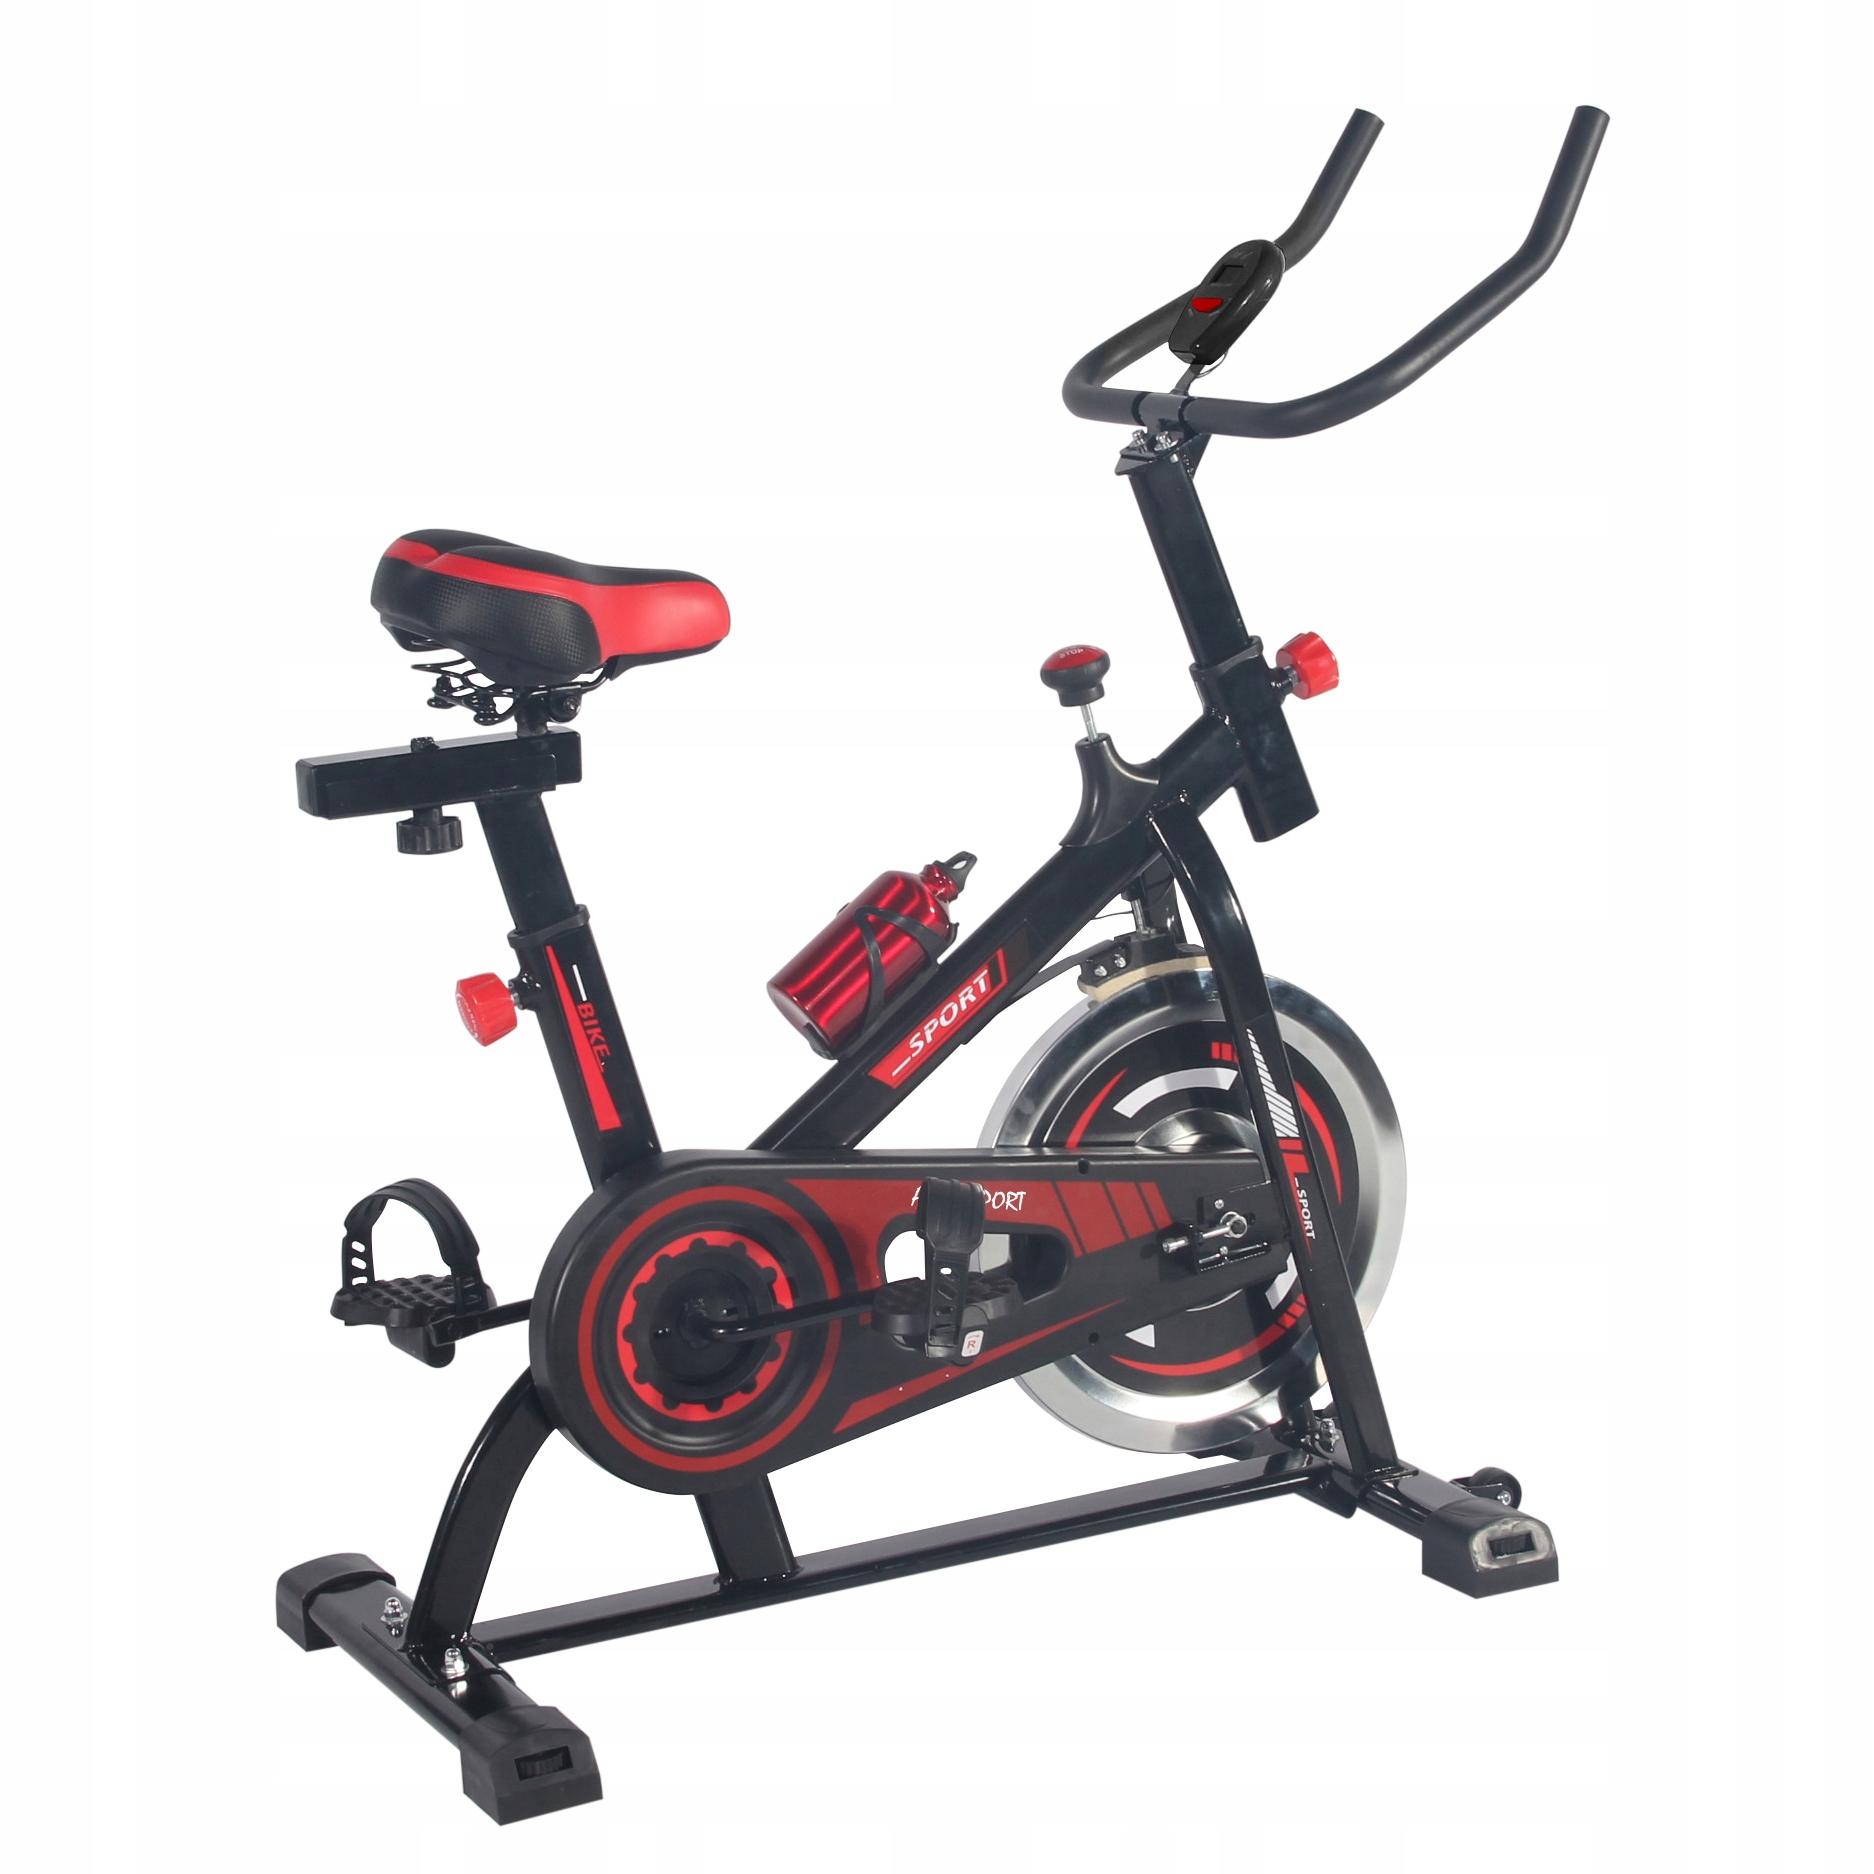 Rowerek Stacjonarny Rower Treningowy Spiningowy 03